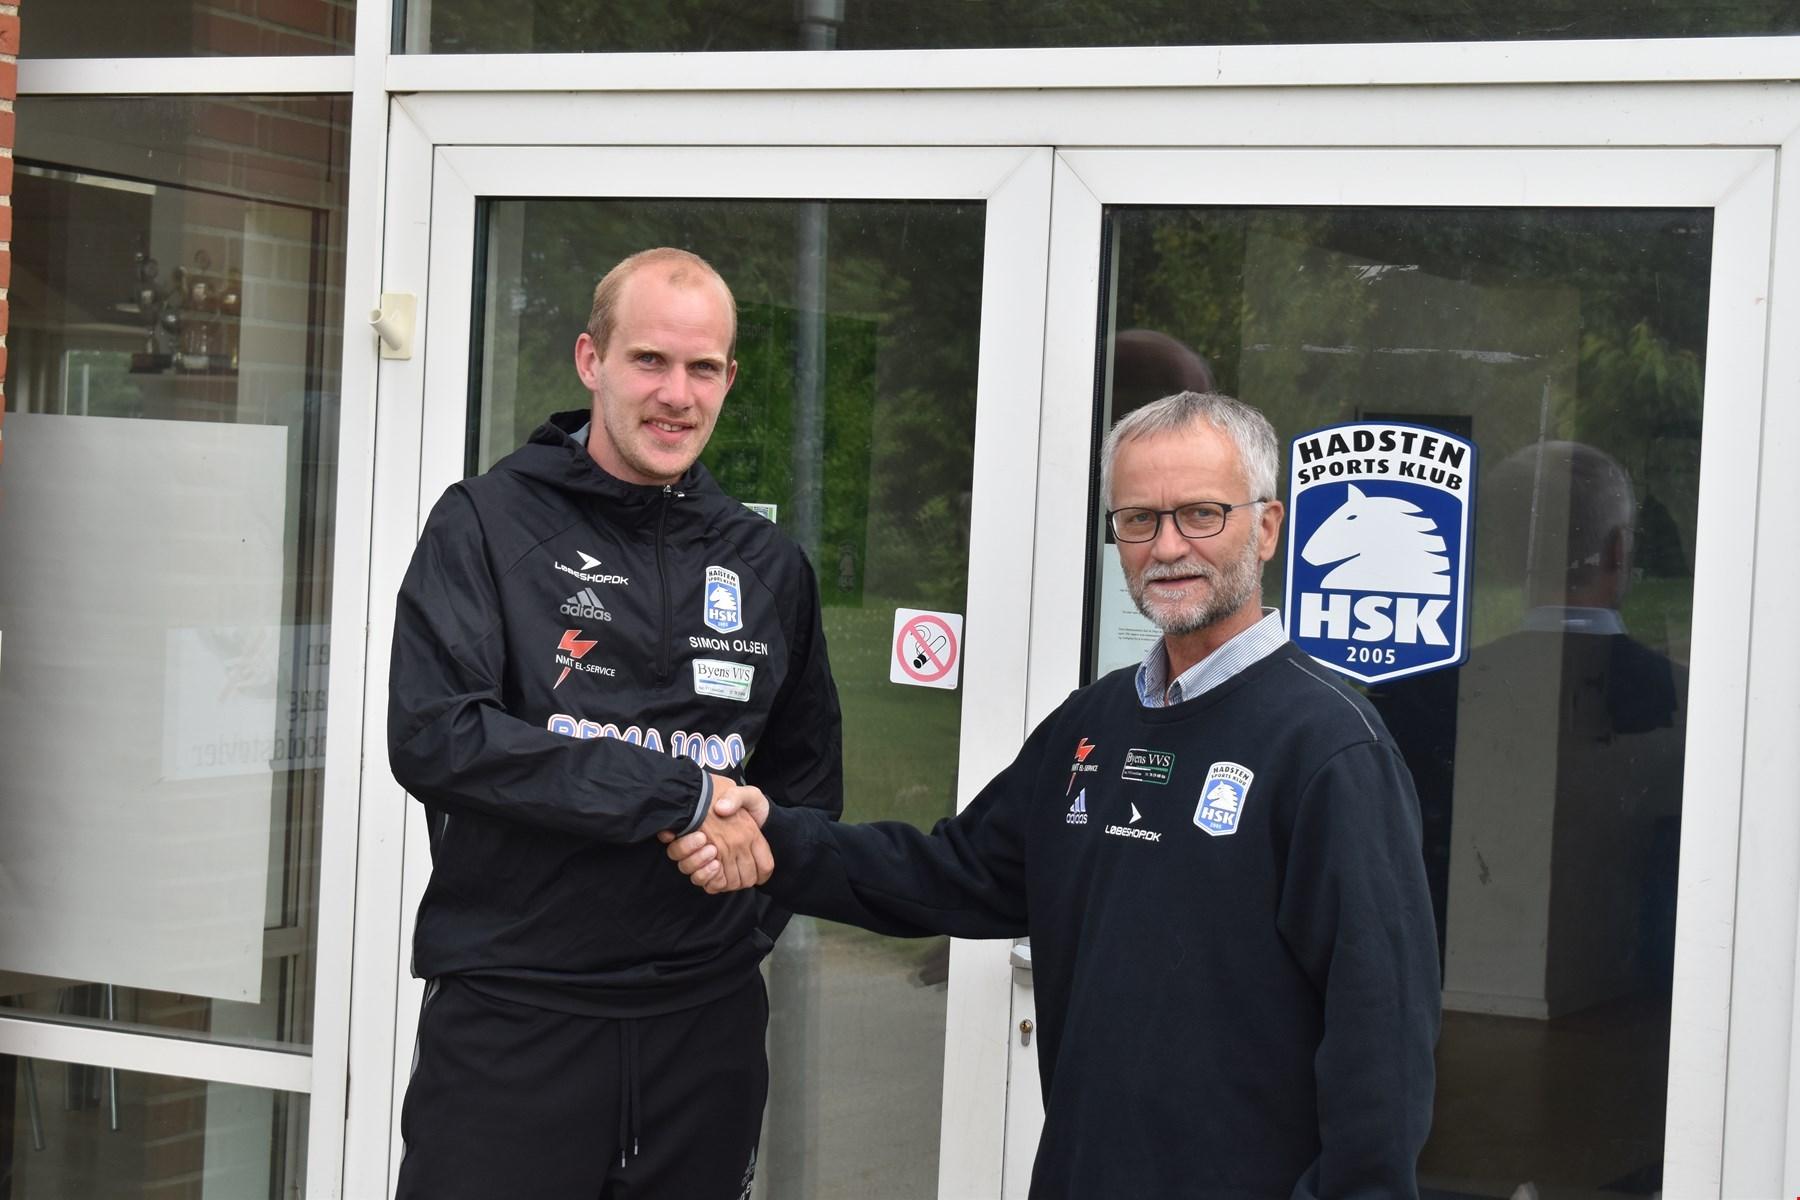 HSK Fodbold forlænger med Simon Buus Olsen